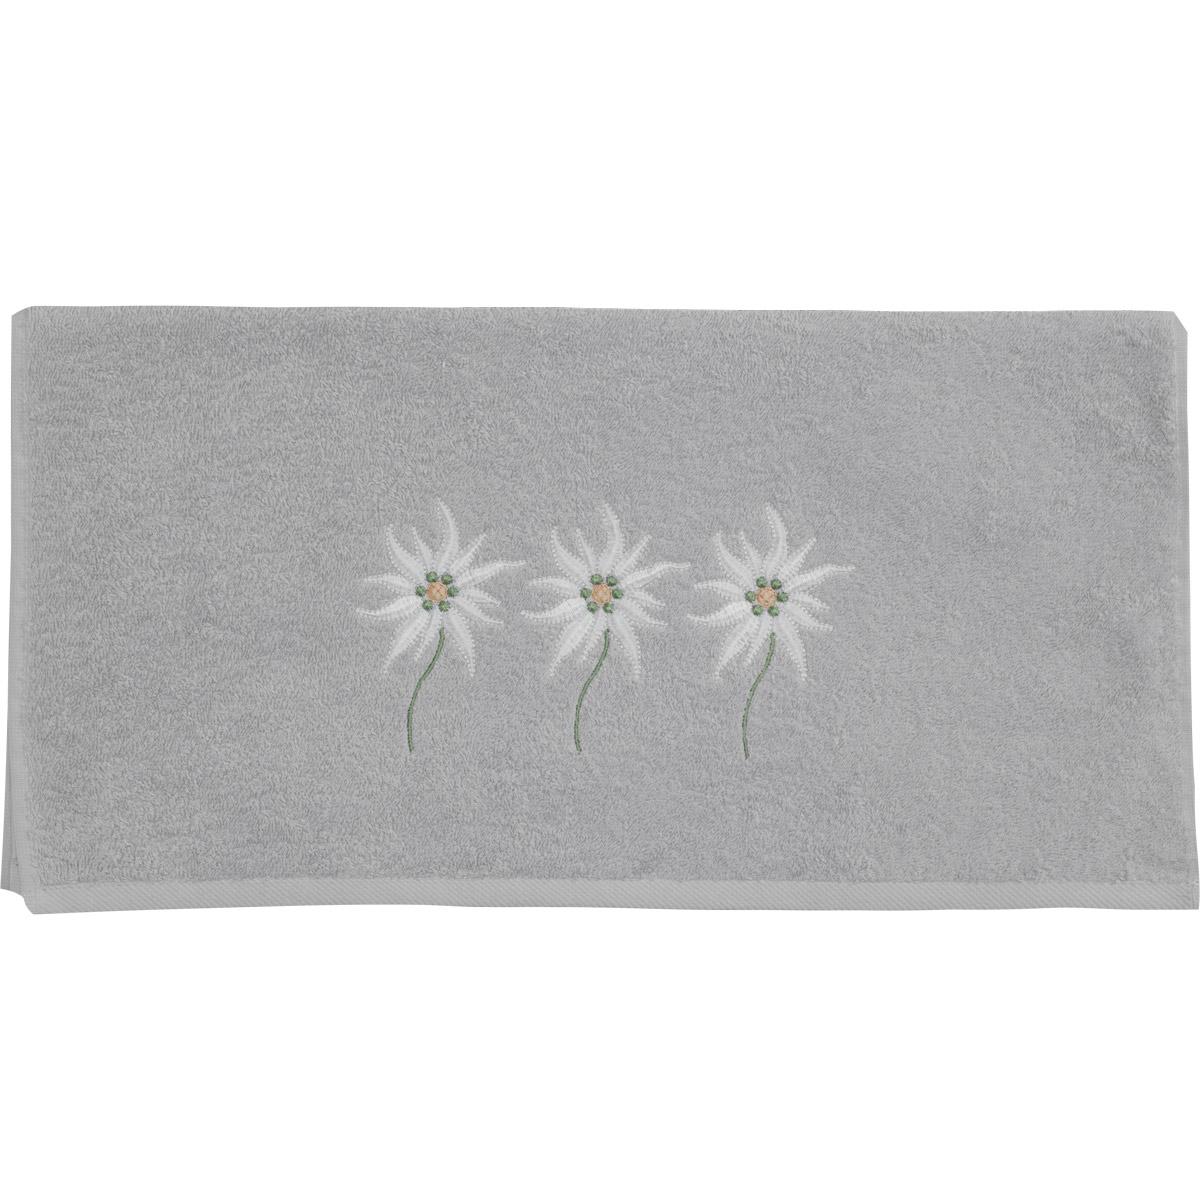 serviette de toilette brod e fleurs toil es glacier petrol homemaison vente en ligne. Black Bedroom Furniture Sets. Home Design Ideas